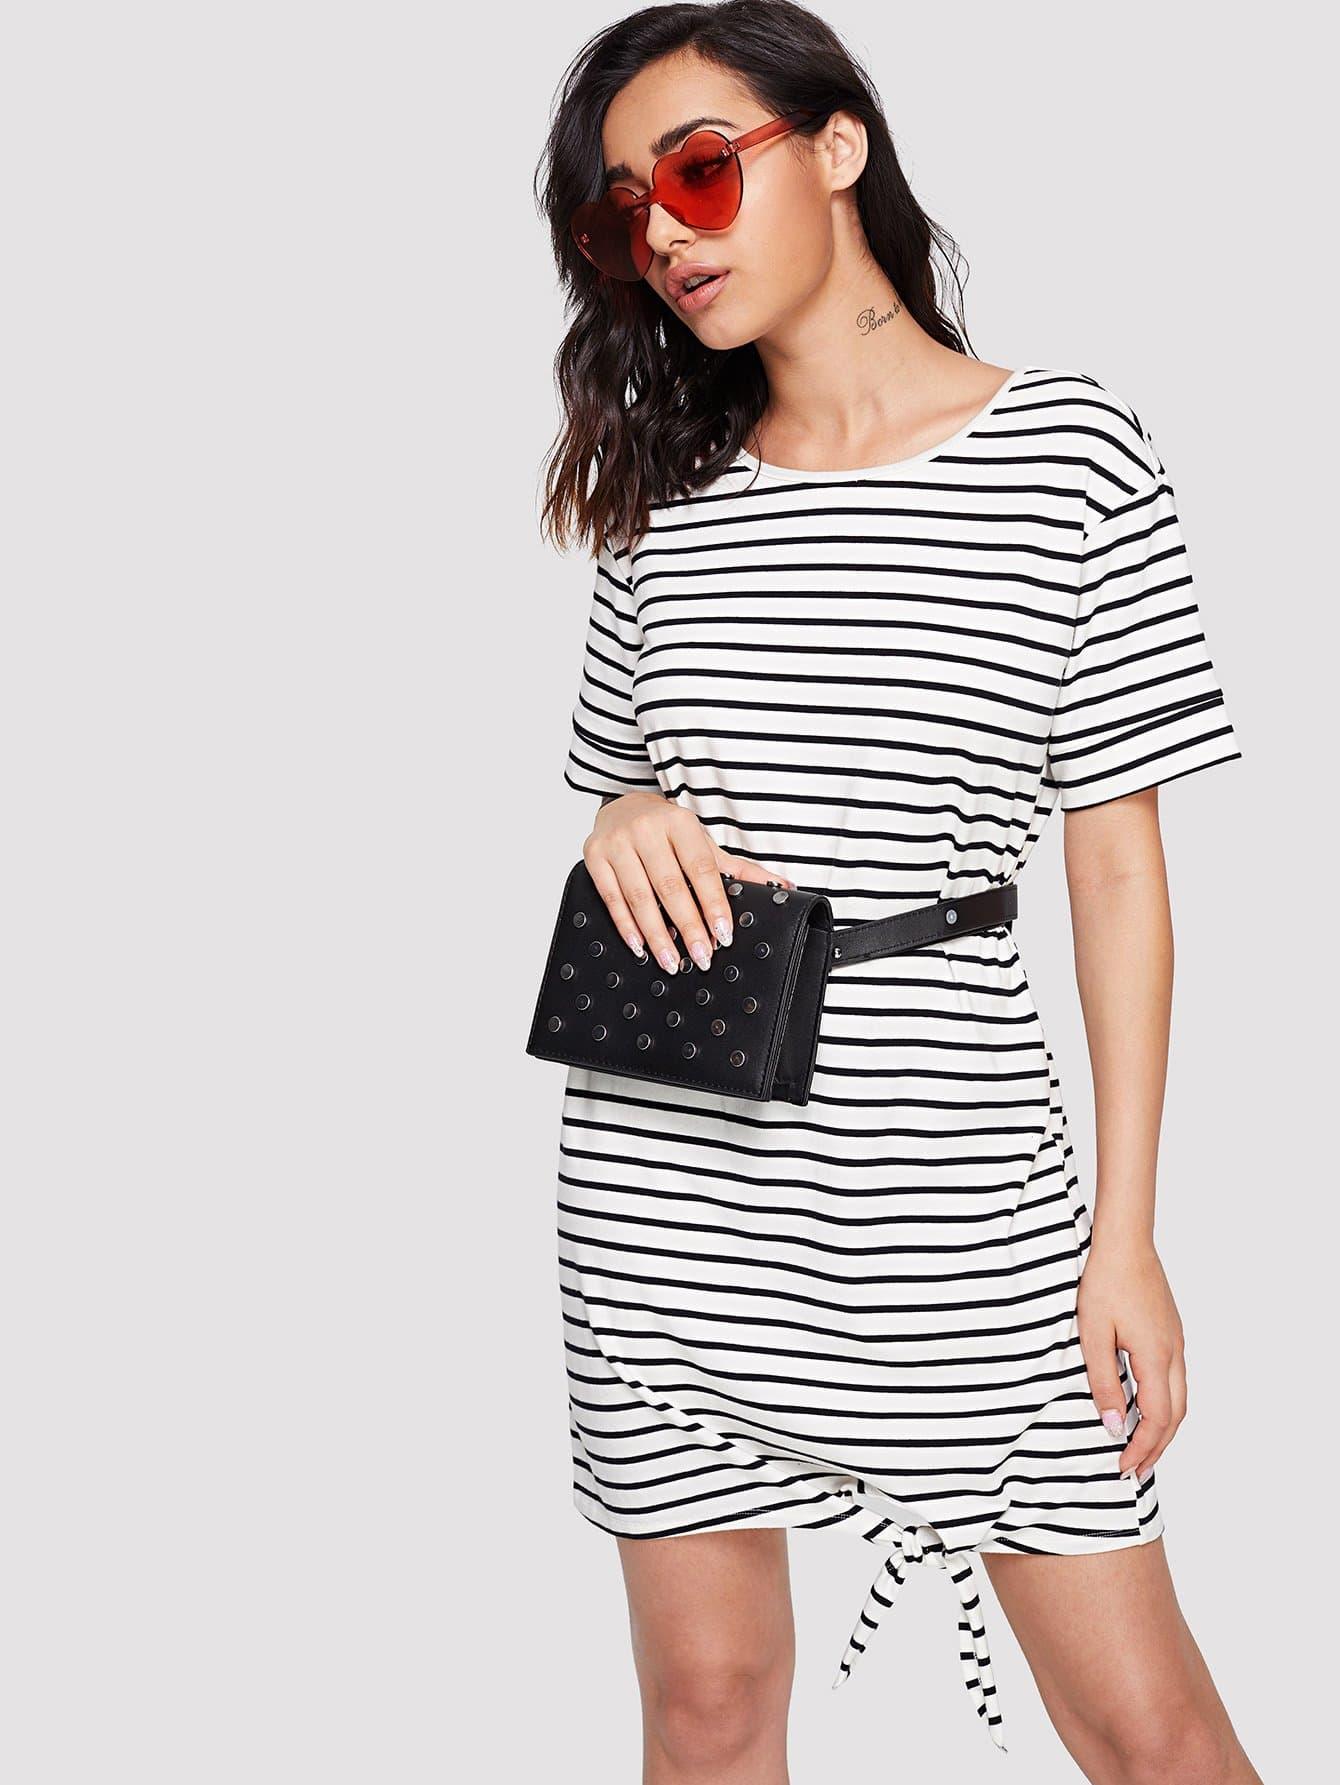 Striped Knot Hem Dress hollow out hem knot dress